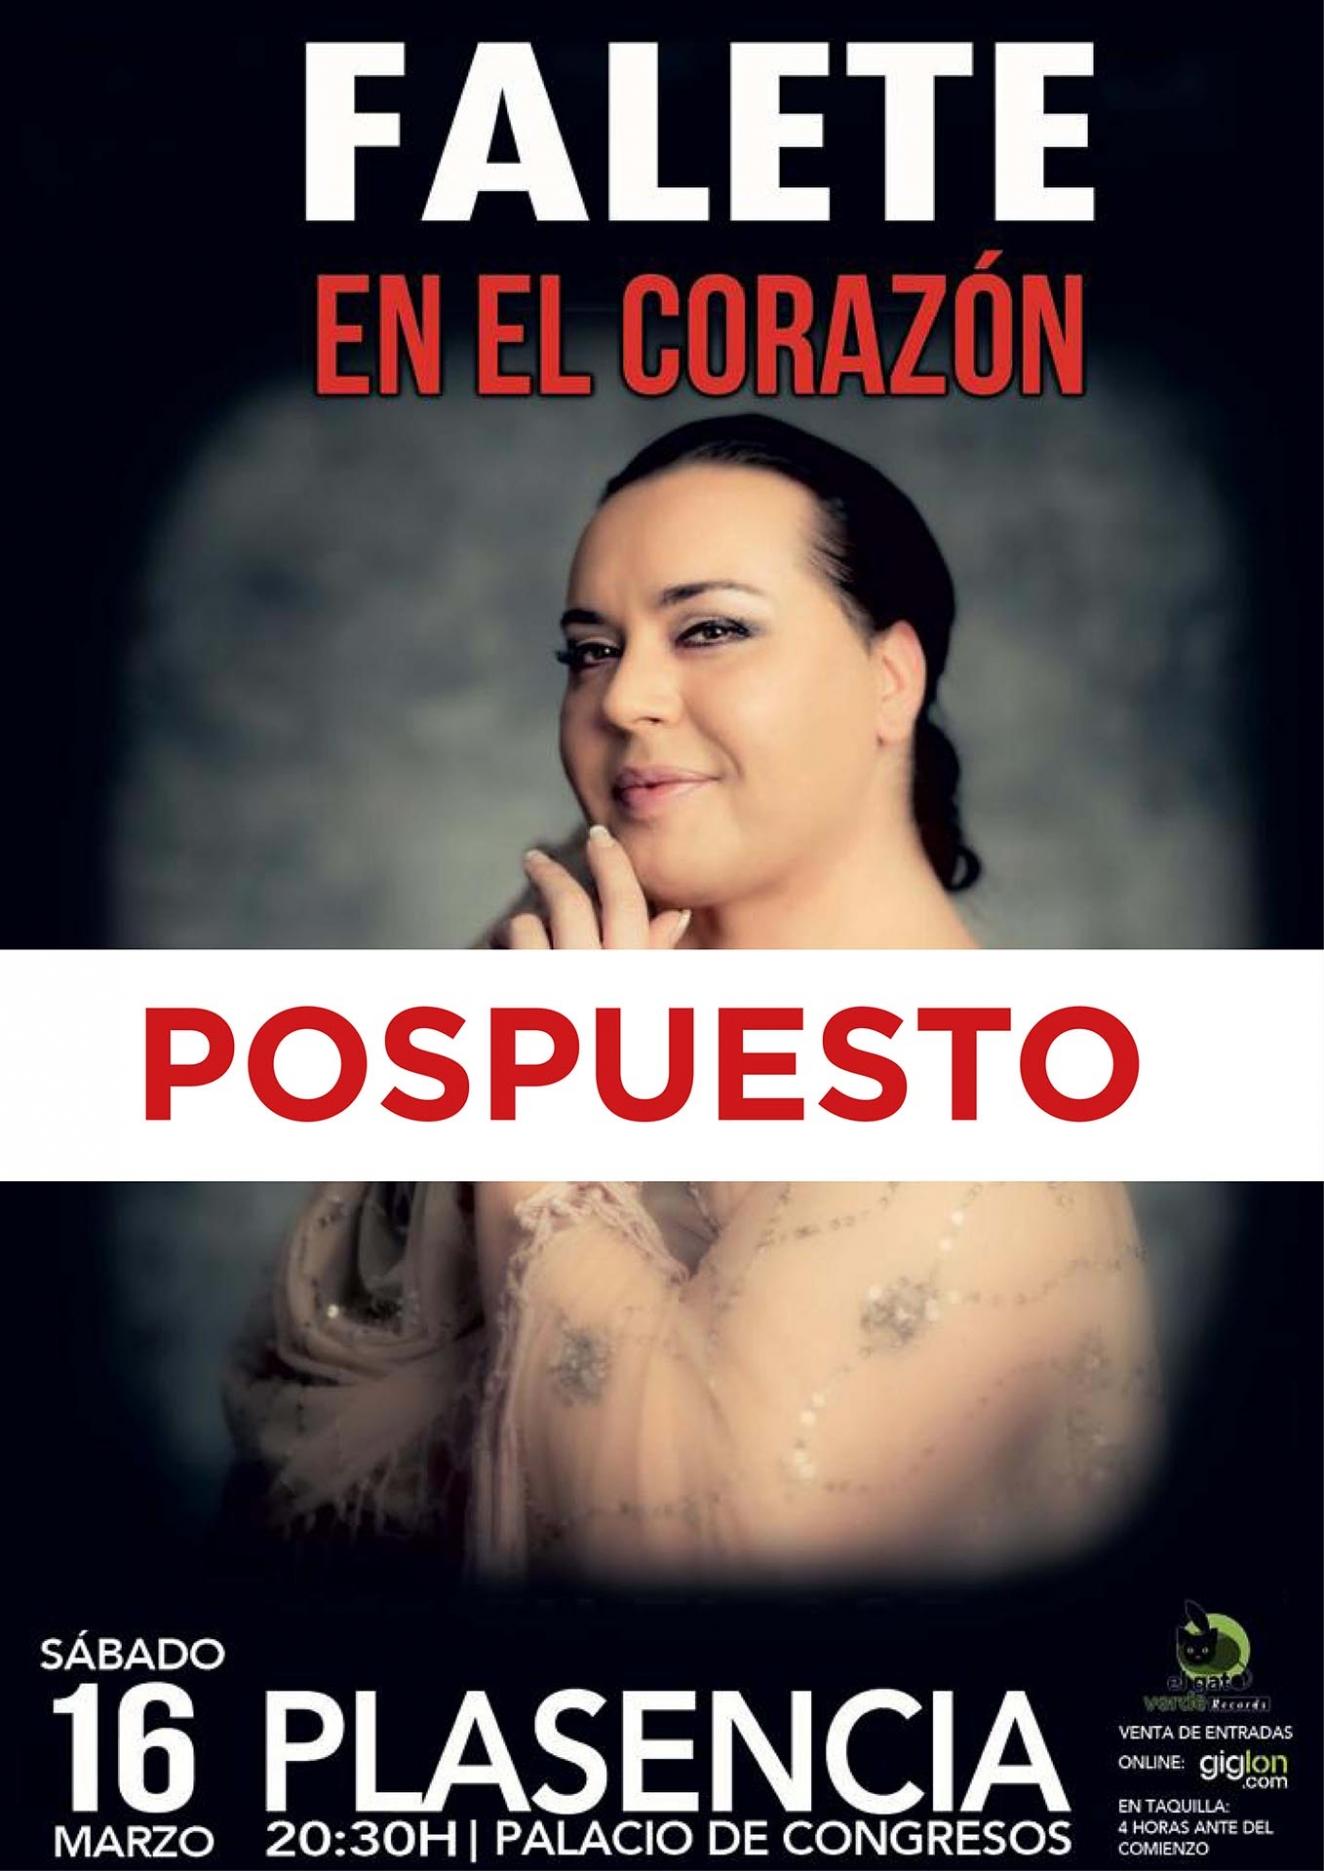 FALETE EN EL CORAZÓN